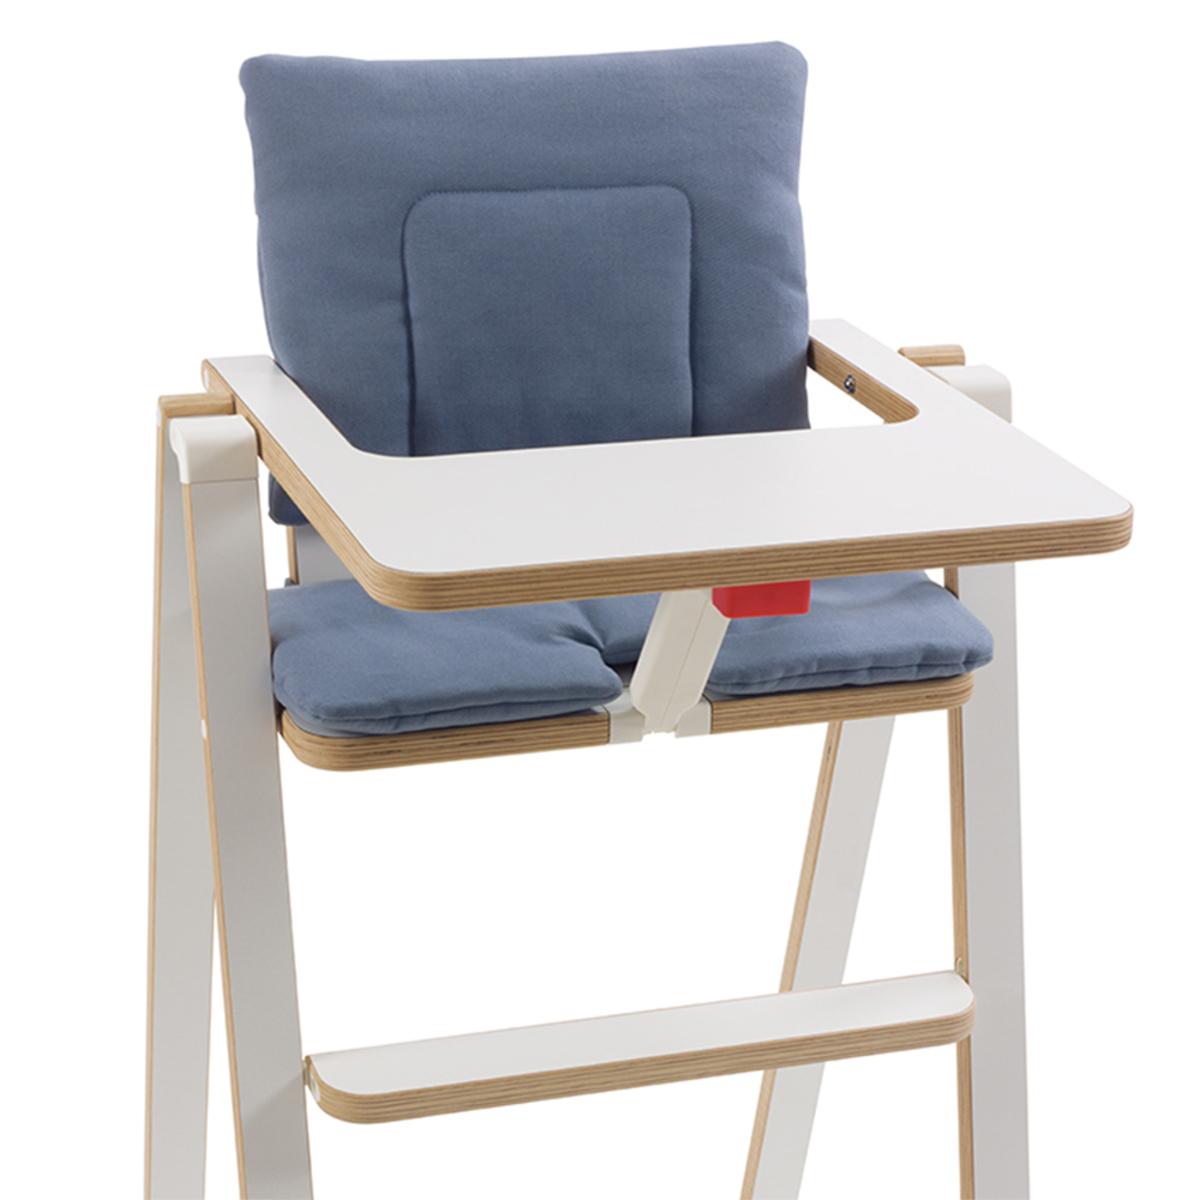 Chaise haute Coussin SUPAflat - Blue Velvet Coussin SUPAflat - Blue Velvet